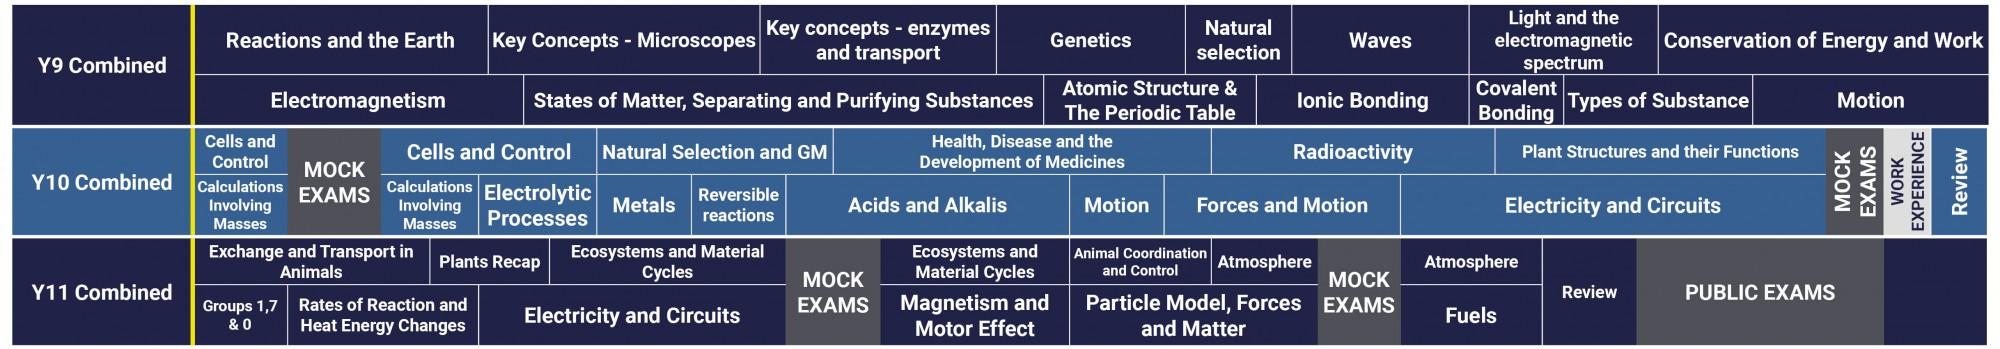 Science Curriculum 2021 2022 GCSE Combined